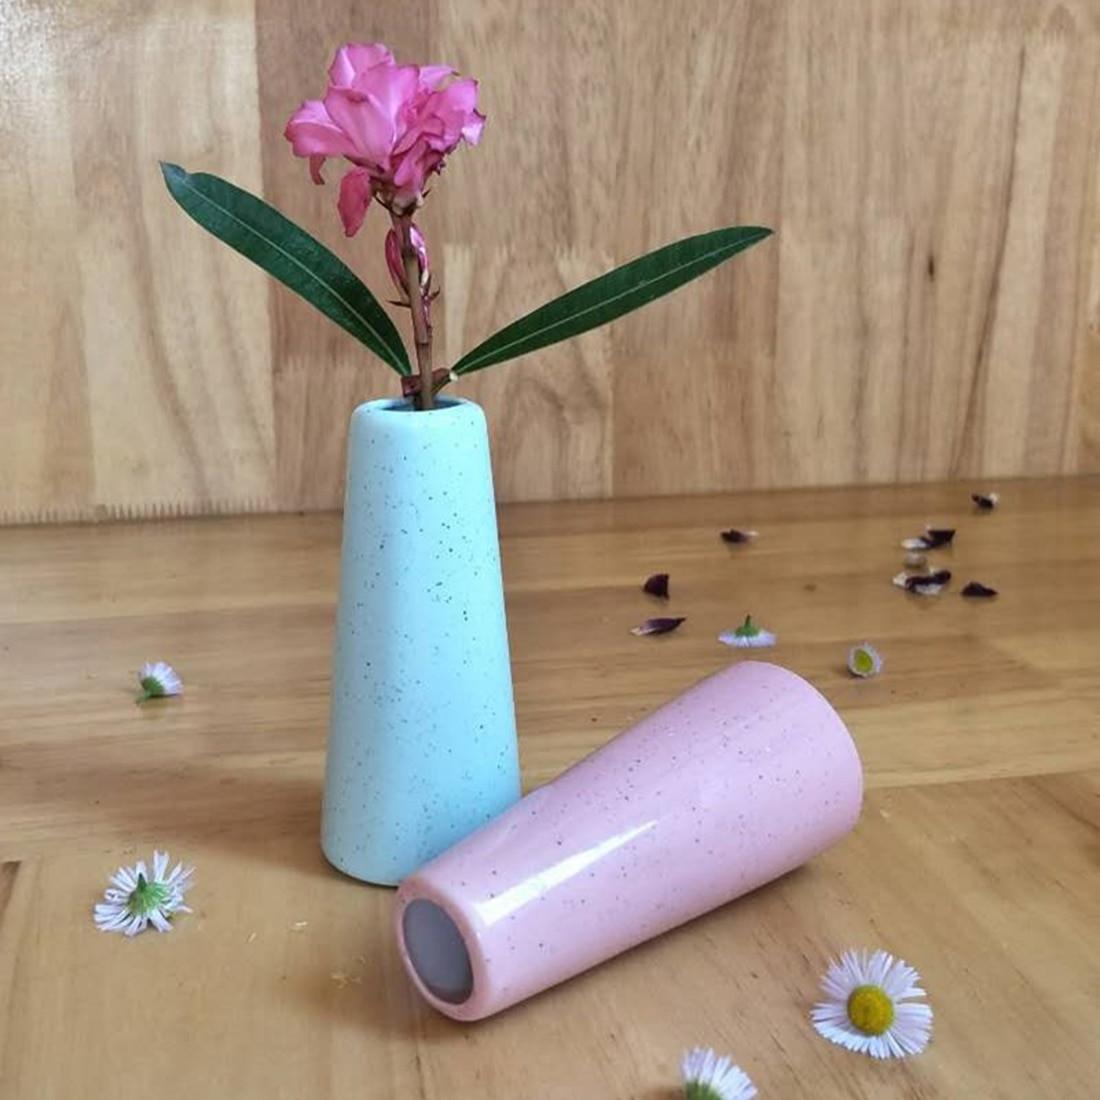 11 Trendy Mini Vases Bulk 2021 free download mini vases bulk of flower vases for homes mini ceramic tabletop vase for flowers home for flower vases for homes mini ceramic tabletop vase for flowers home room study hallway office wedding